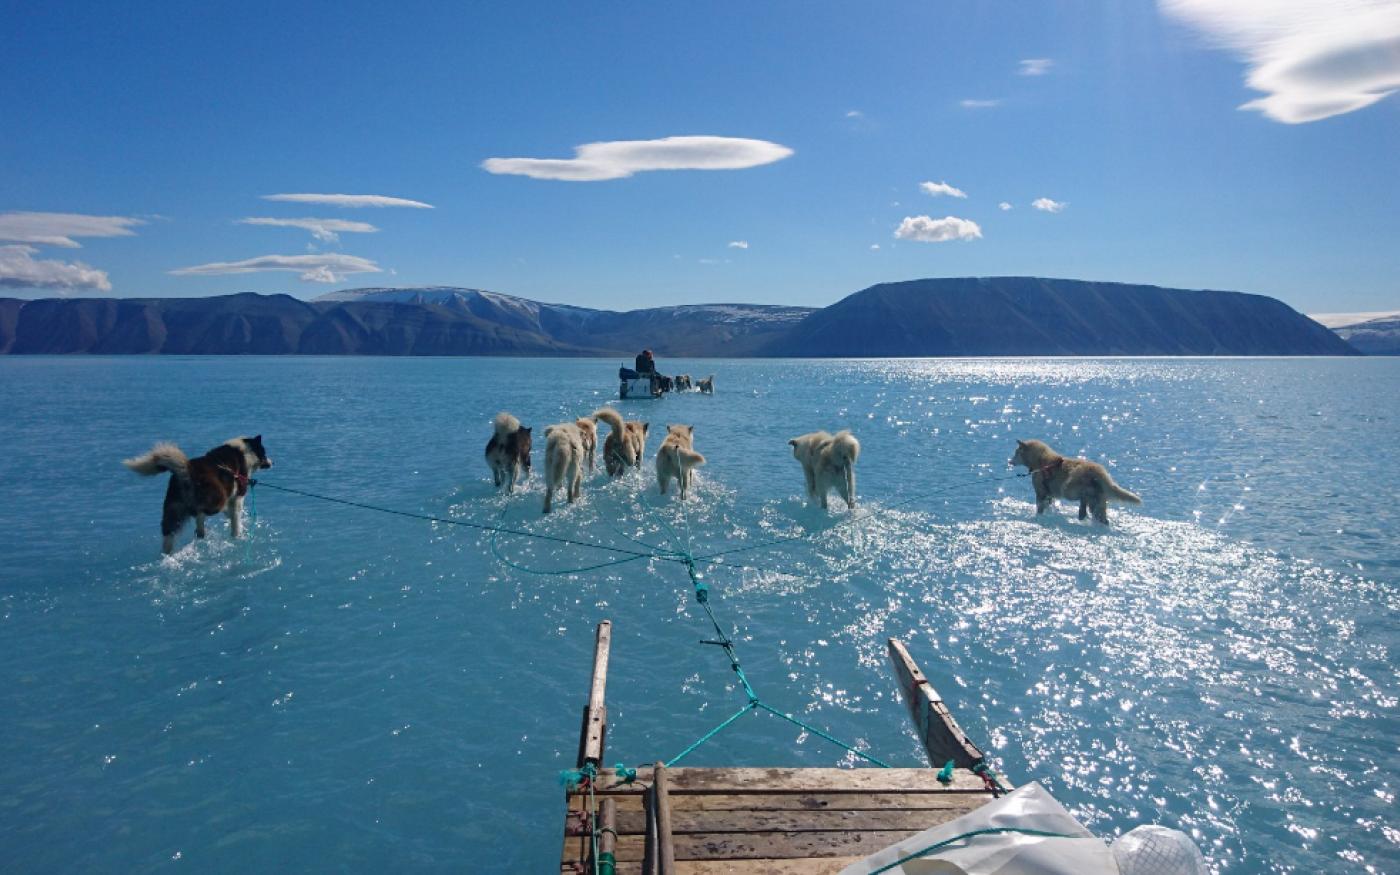 Φωτό ημέρας η viral εικόνα από την Γροιλανδία όπου φαίνεται ξεκάθαρα το λιώσιμο των πάγων & ακόμη Ιούνιος ... - Κυρίως Φωτογραφία - Gallery - Video